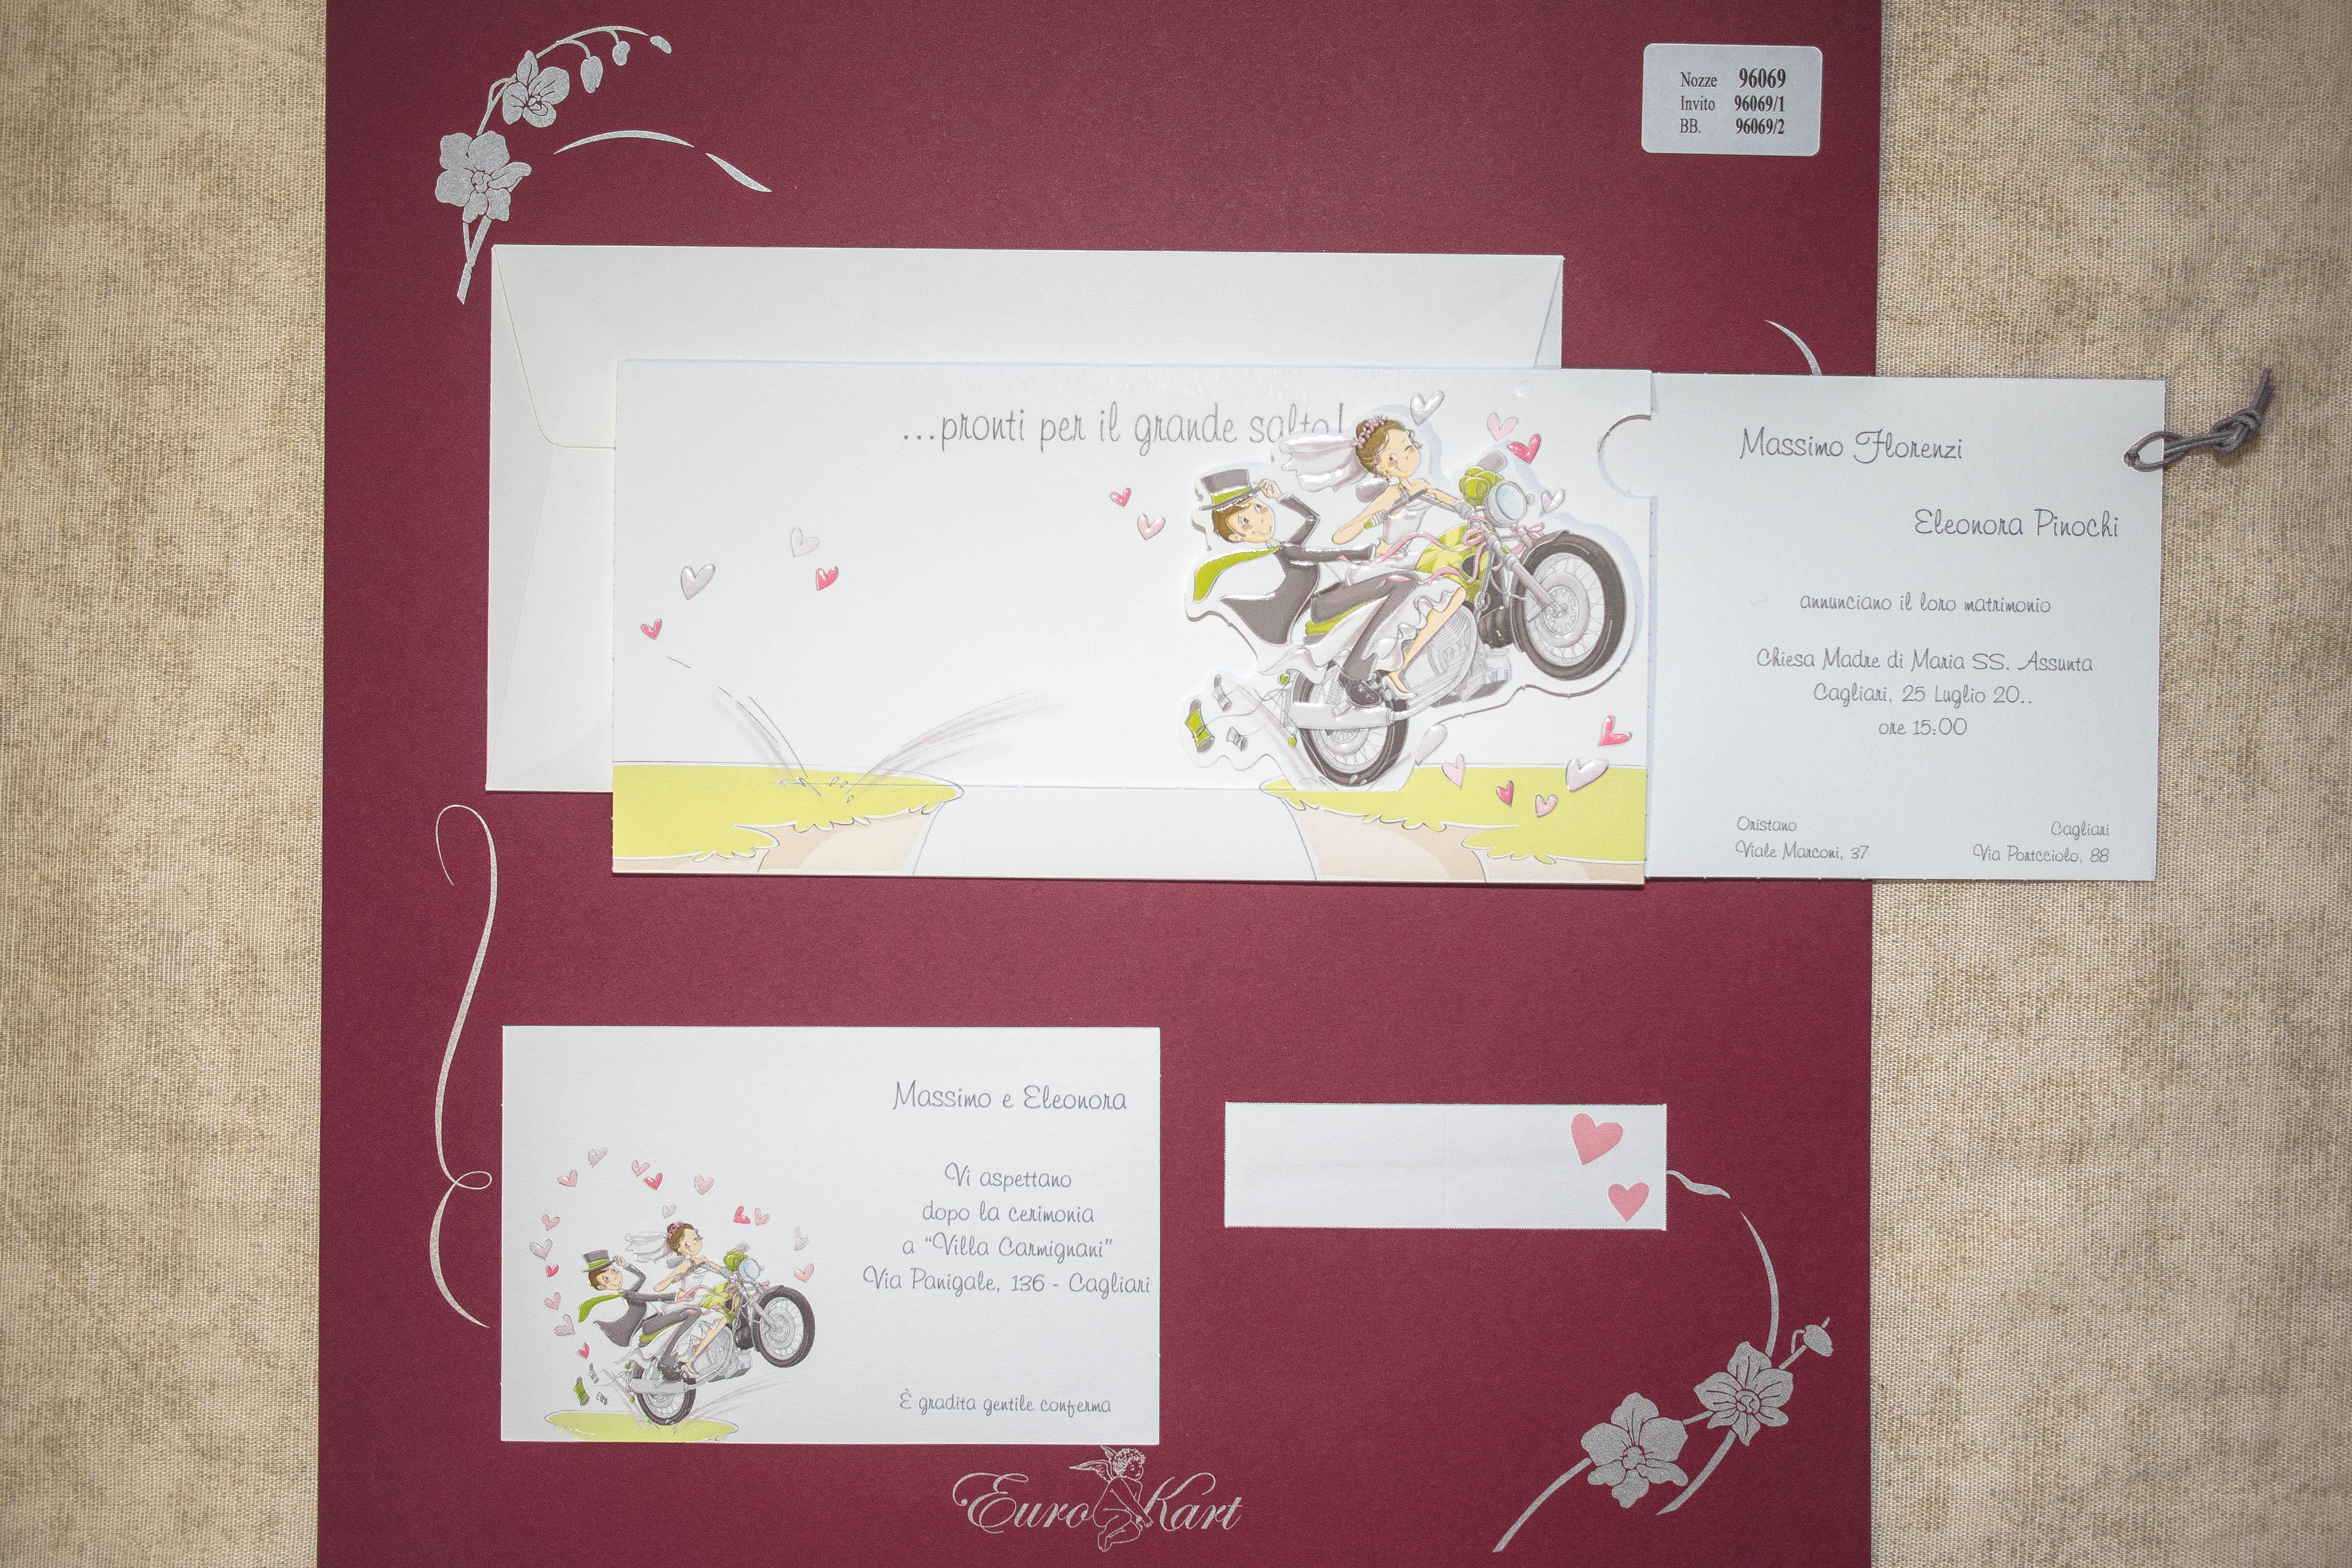 partecipazione di matrimonio 96069